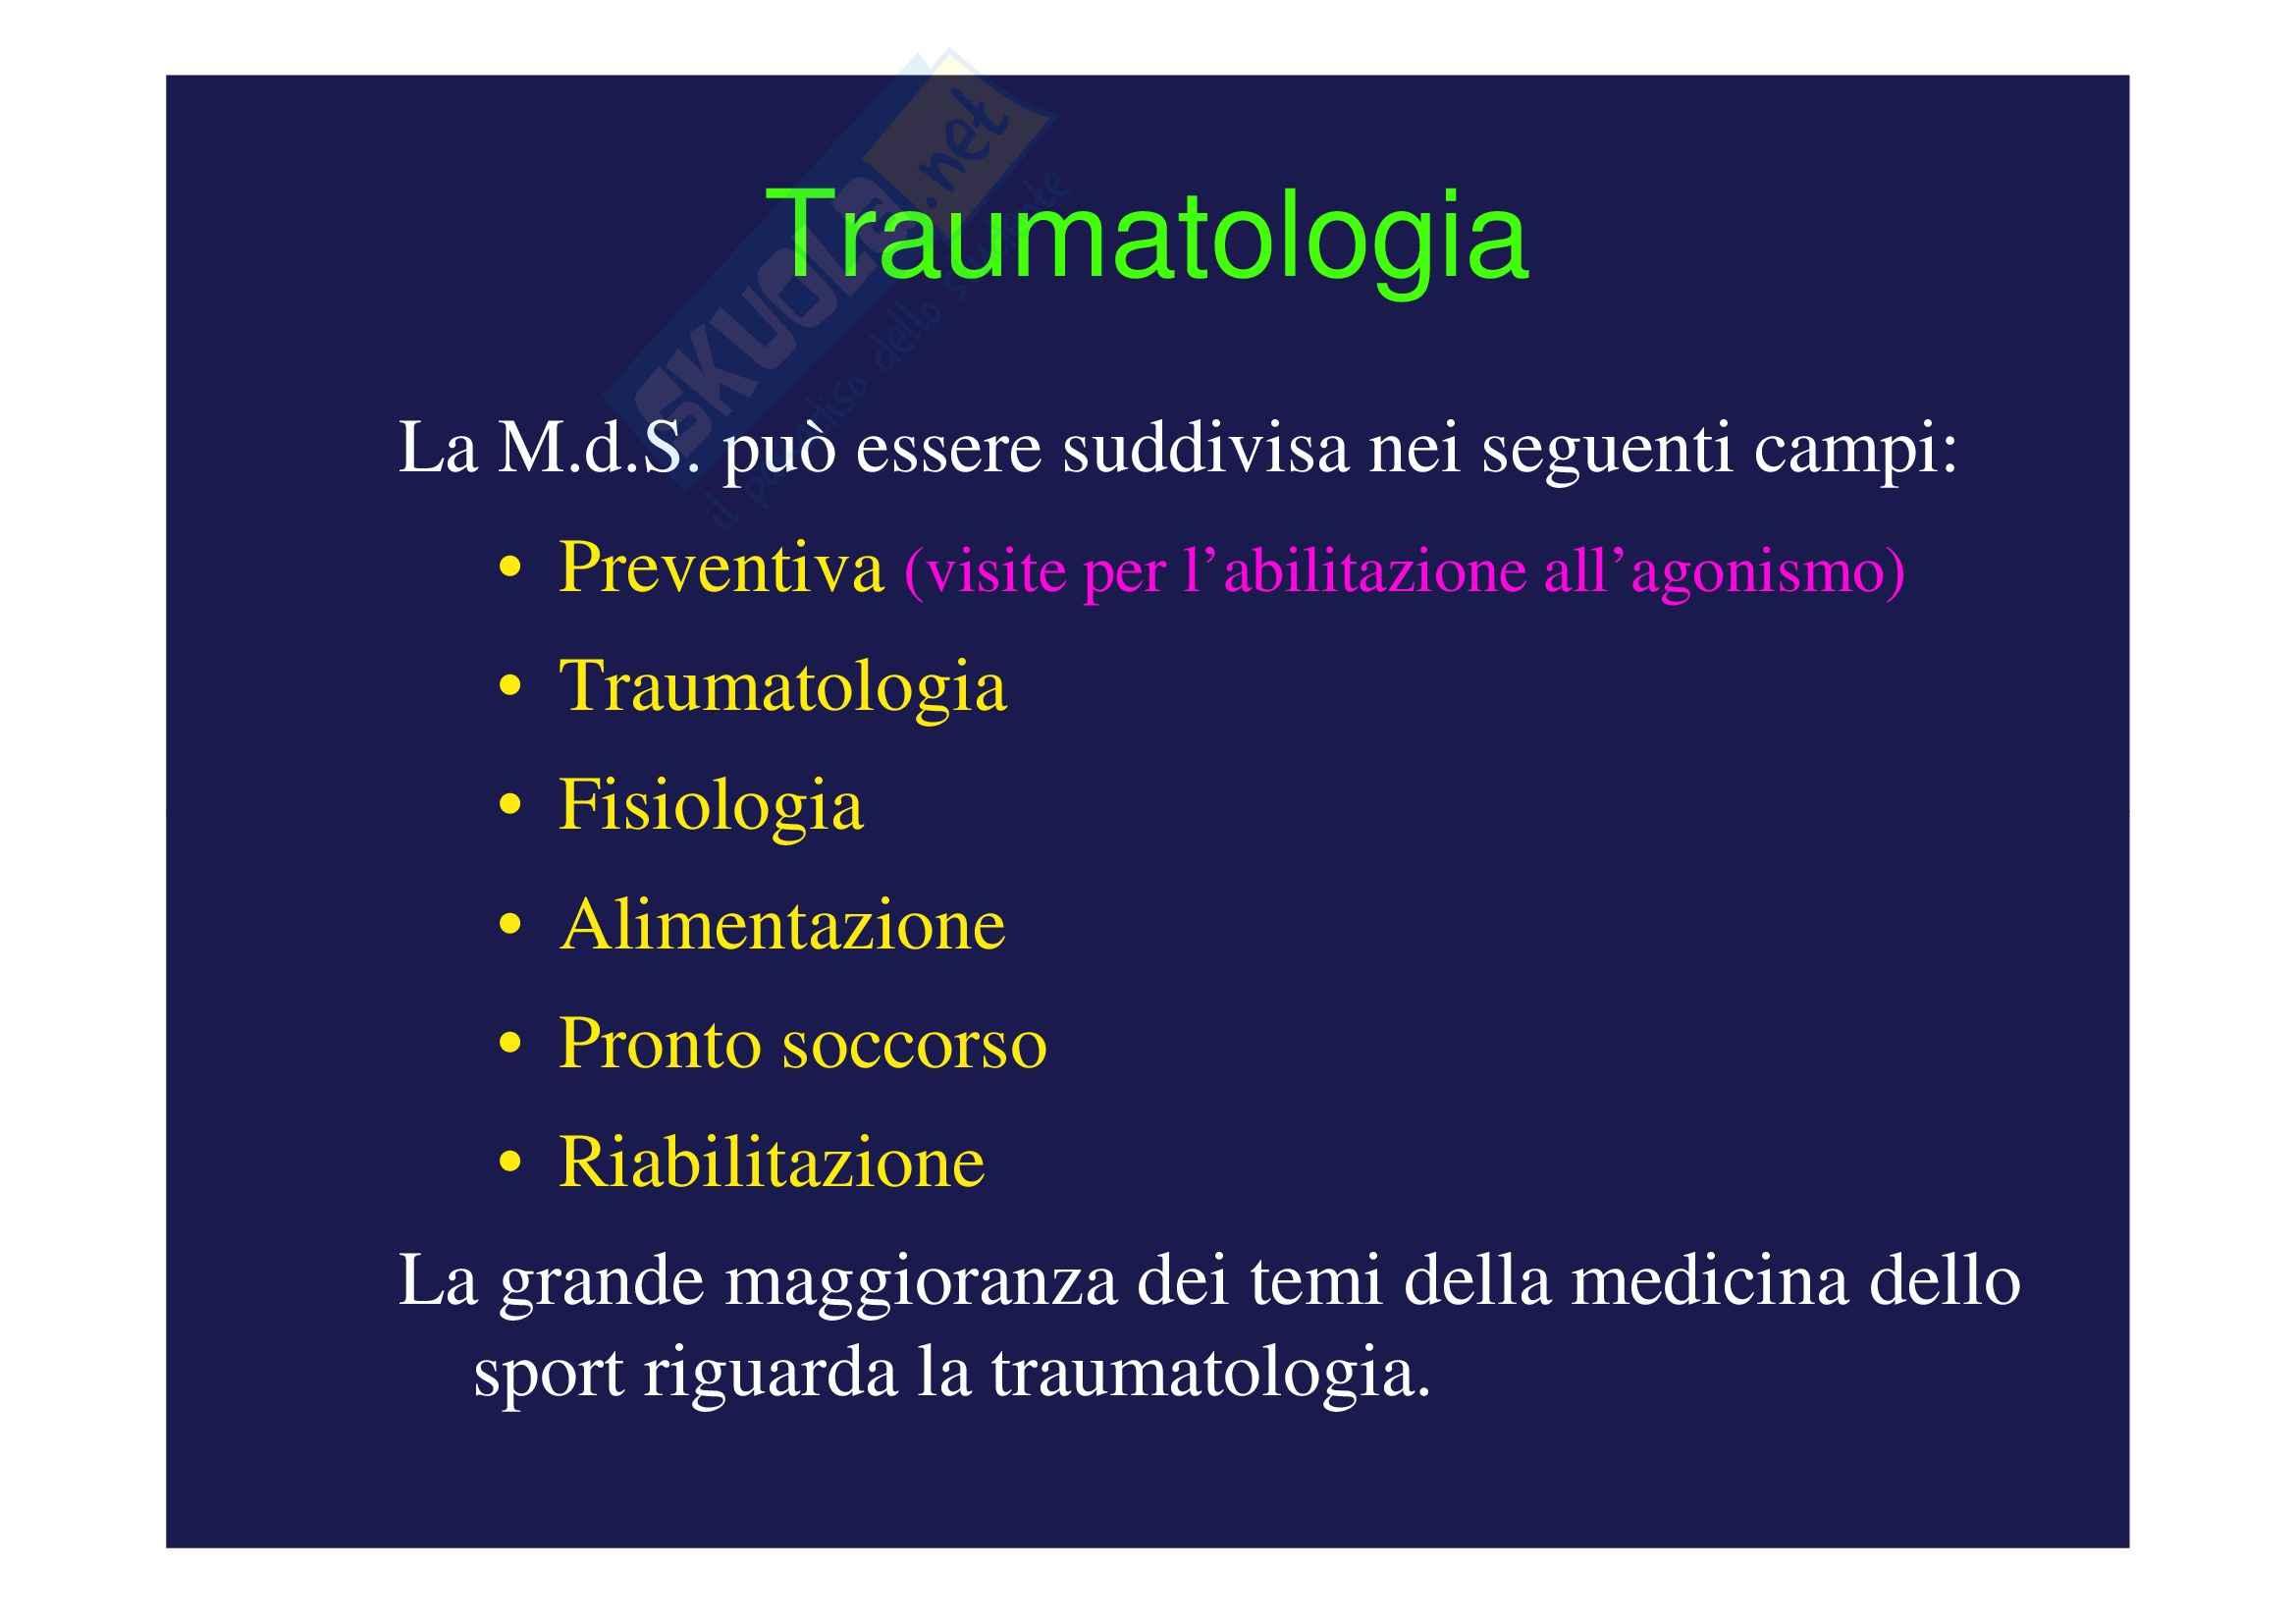 Traumatologia dello sport - appunti vari